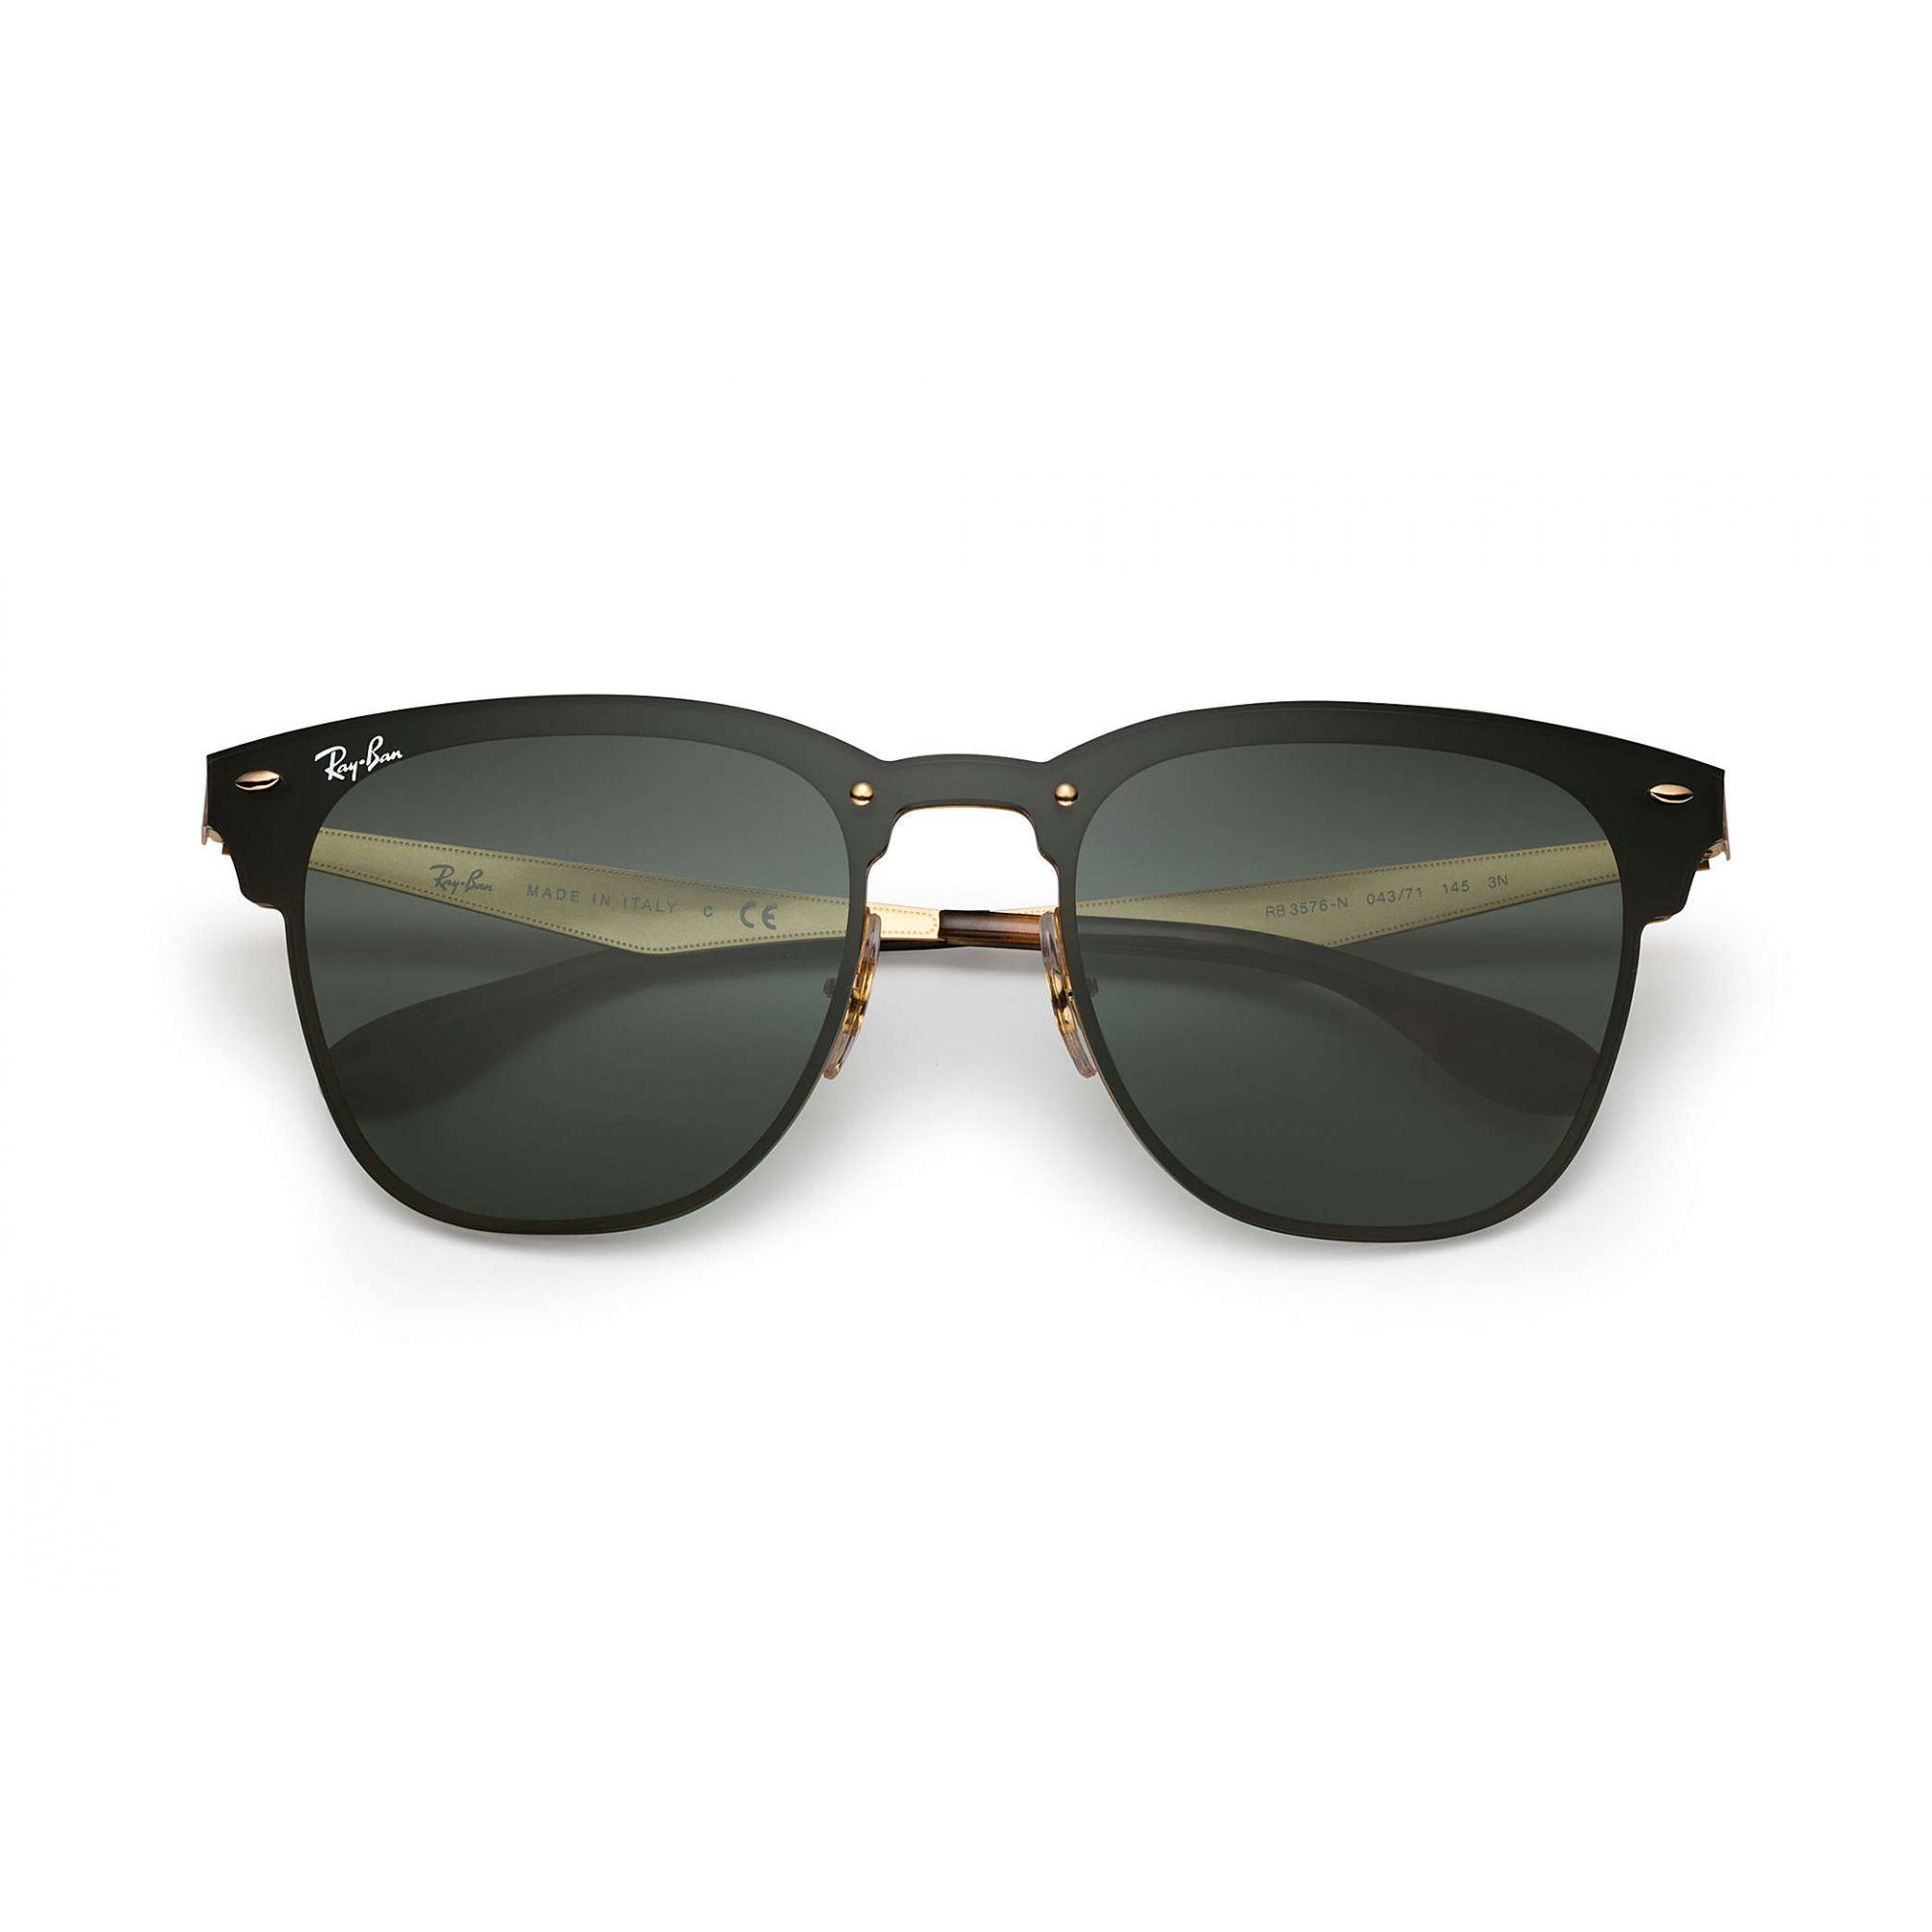 Ray Ban - RB3576N 04371 - Óculos de sol